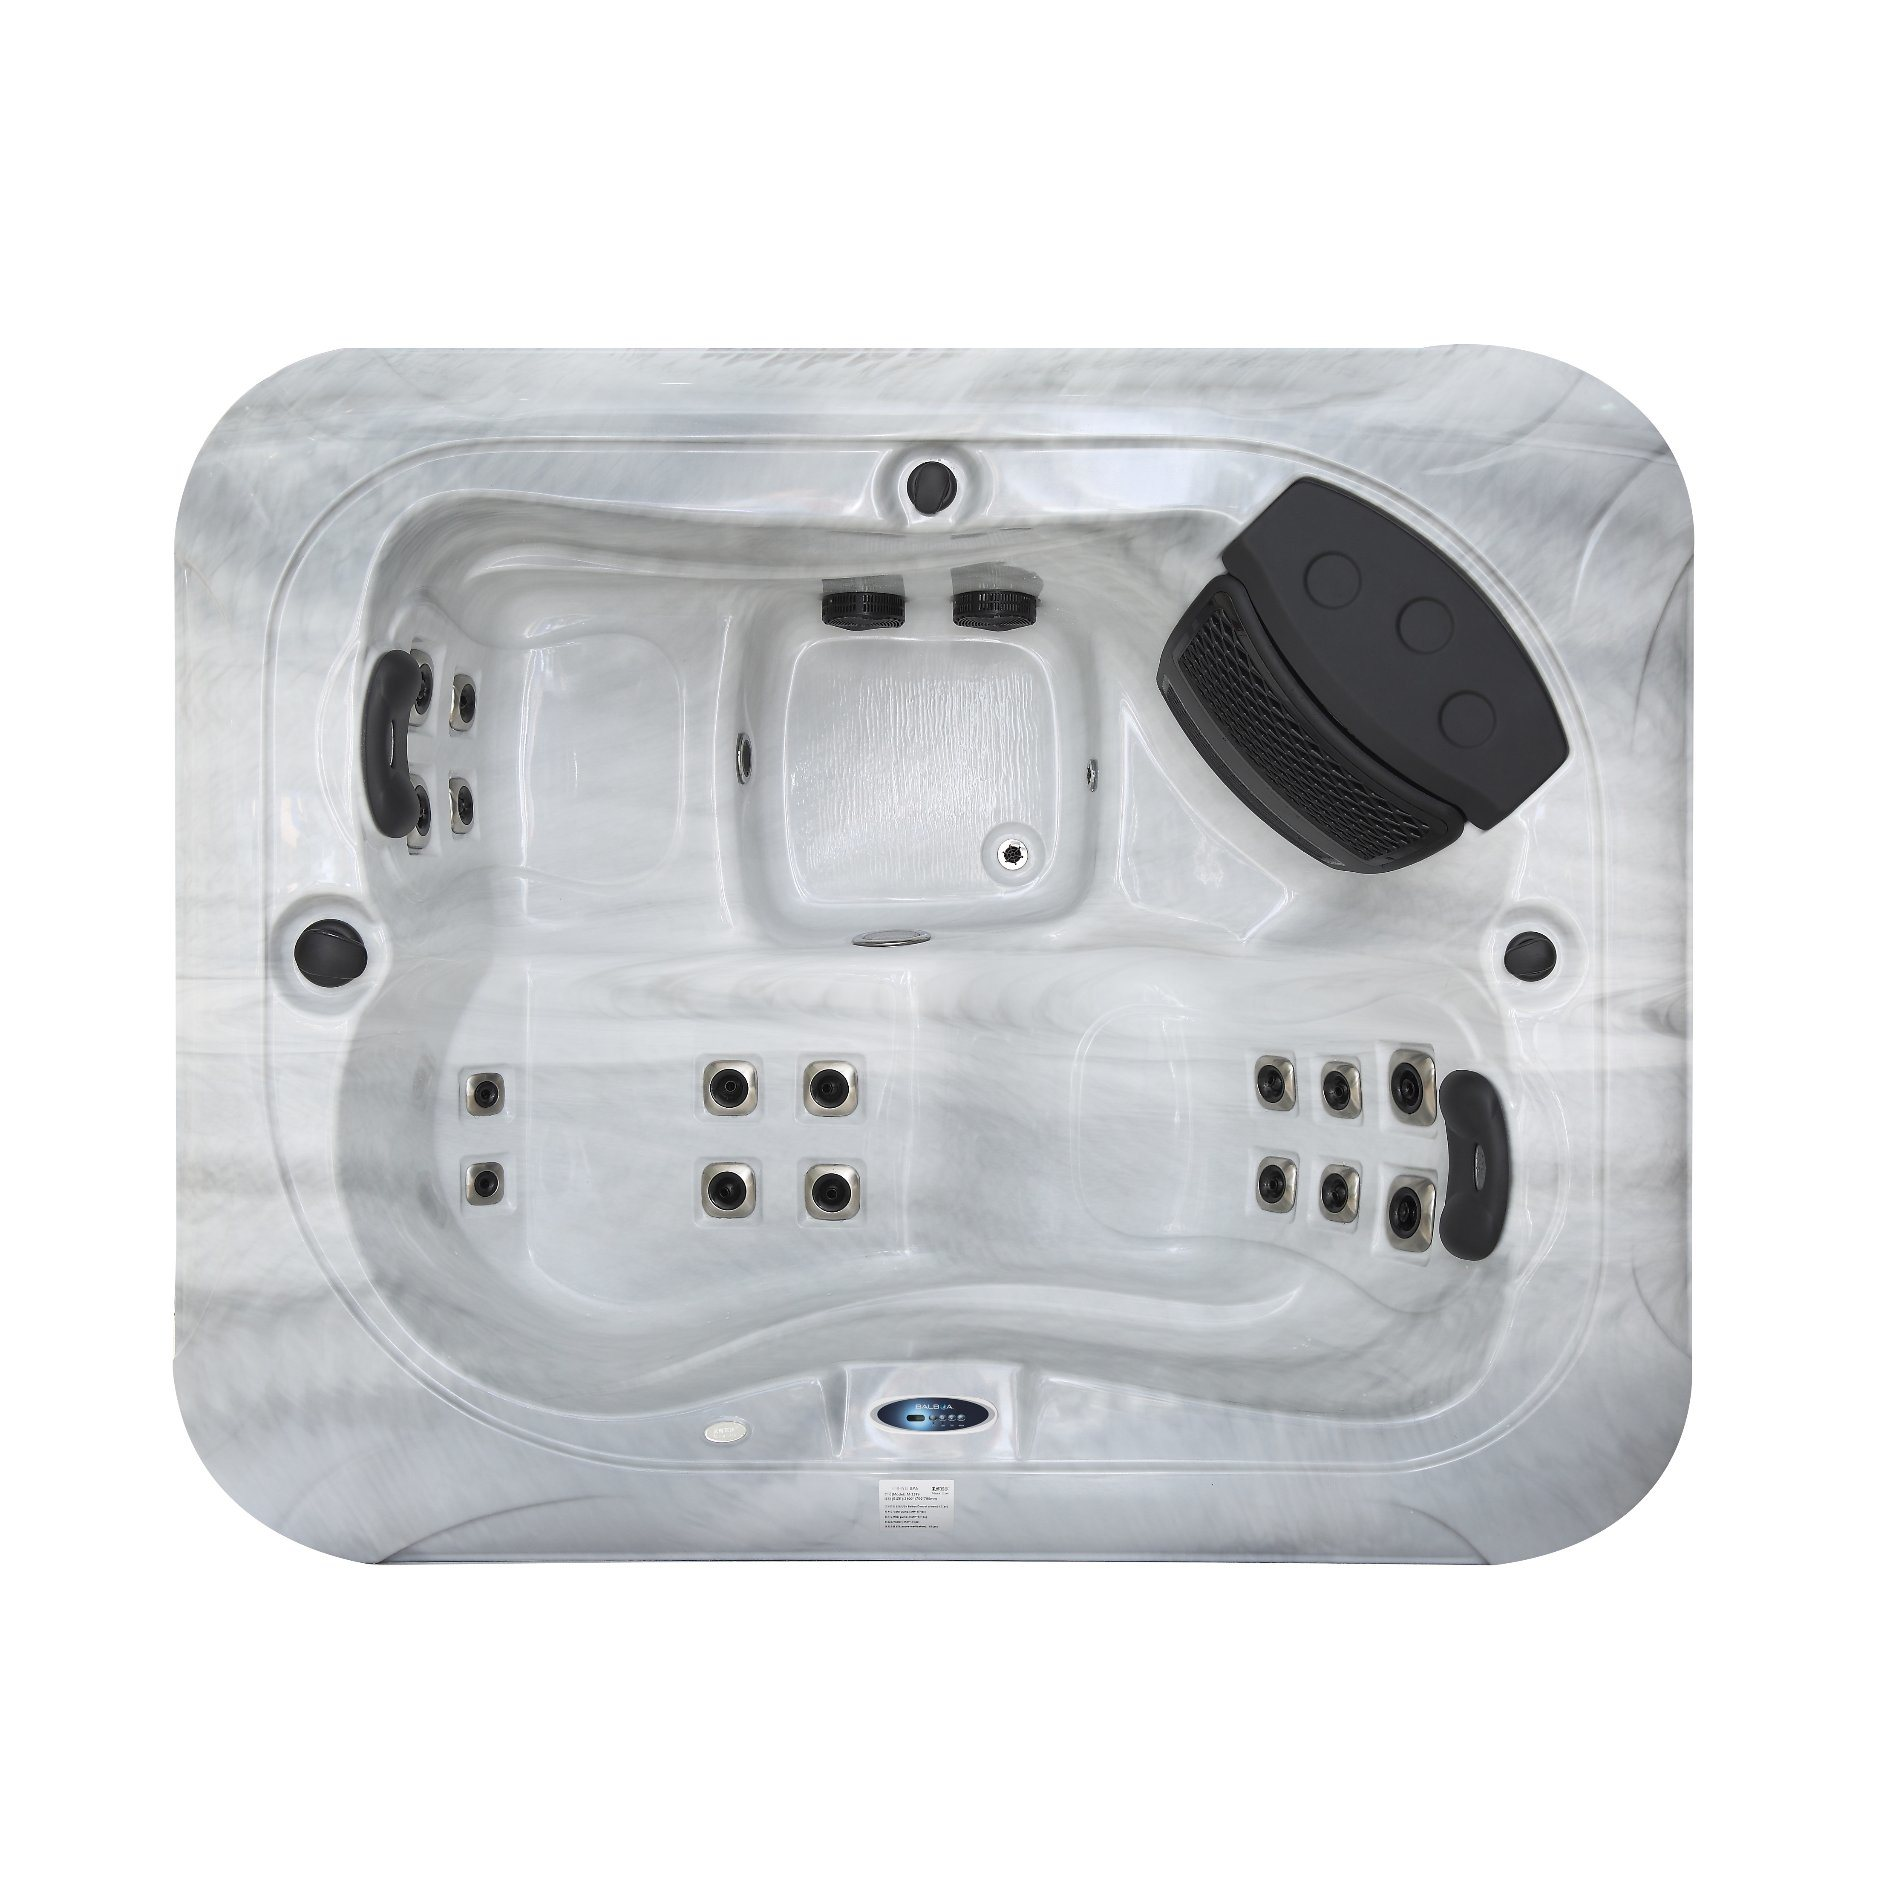 China Mini 2 Person Outdoor Balboa Control Spa Whole Hot Tub M 3399 Led